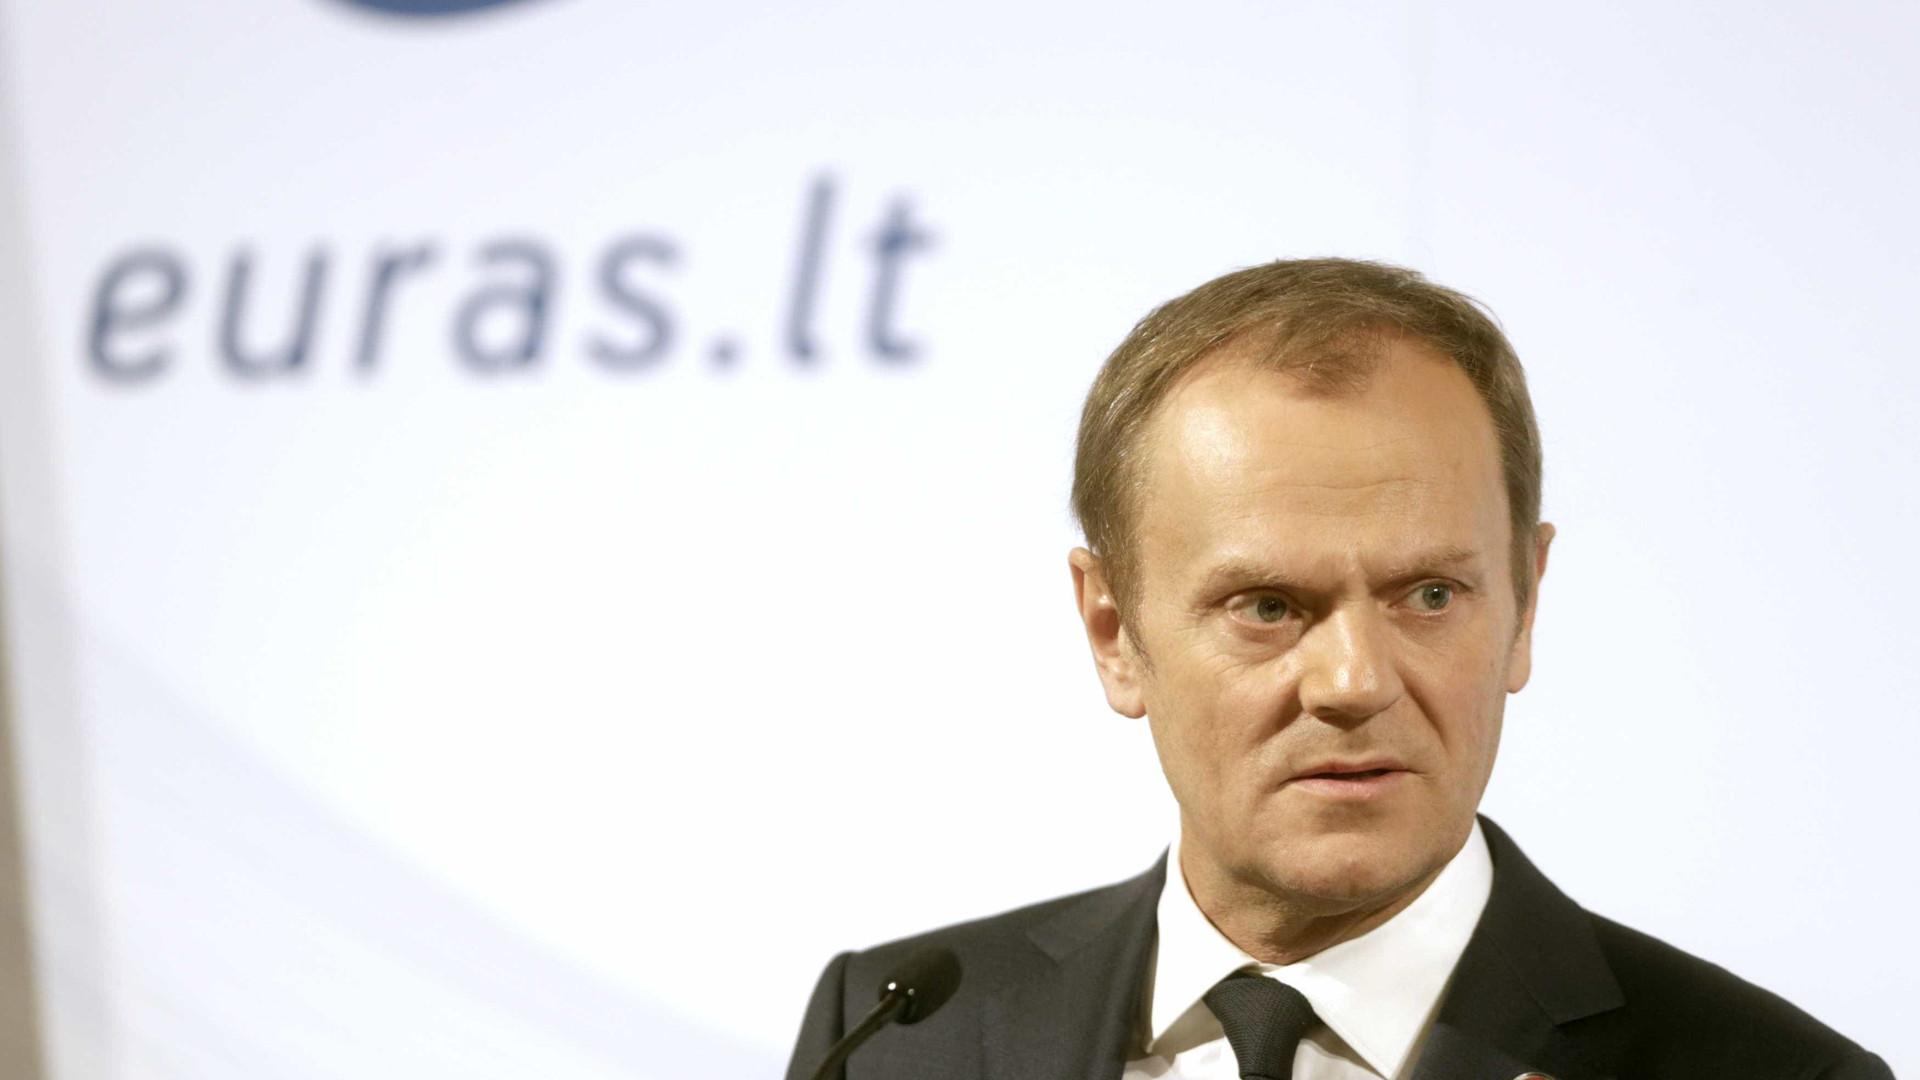 Tusk anuncia cimeira extraordinária sobre o Brexit em novembro